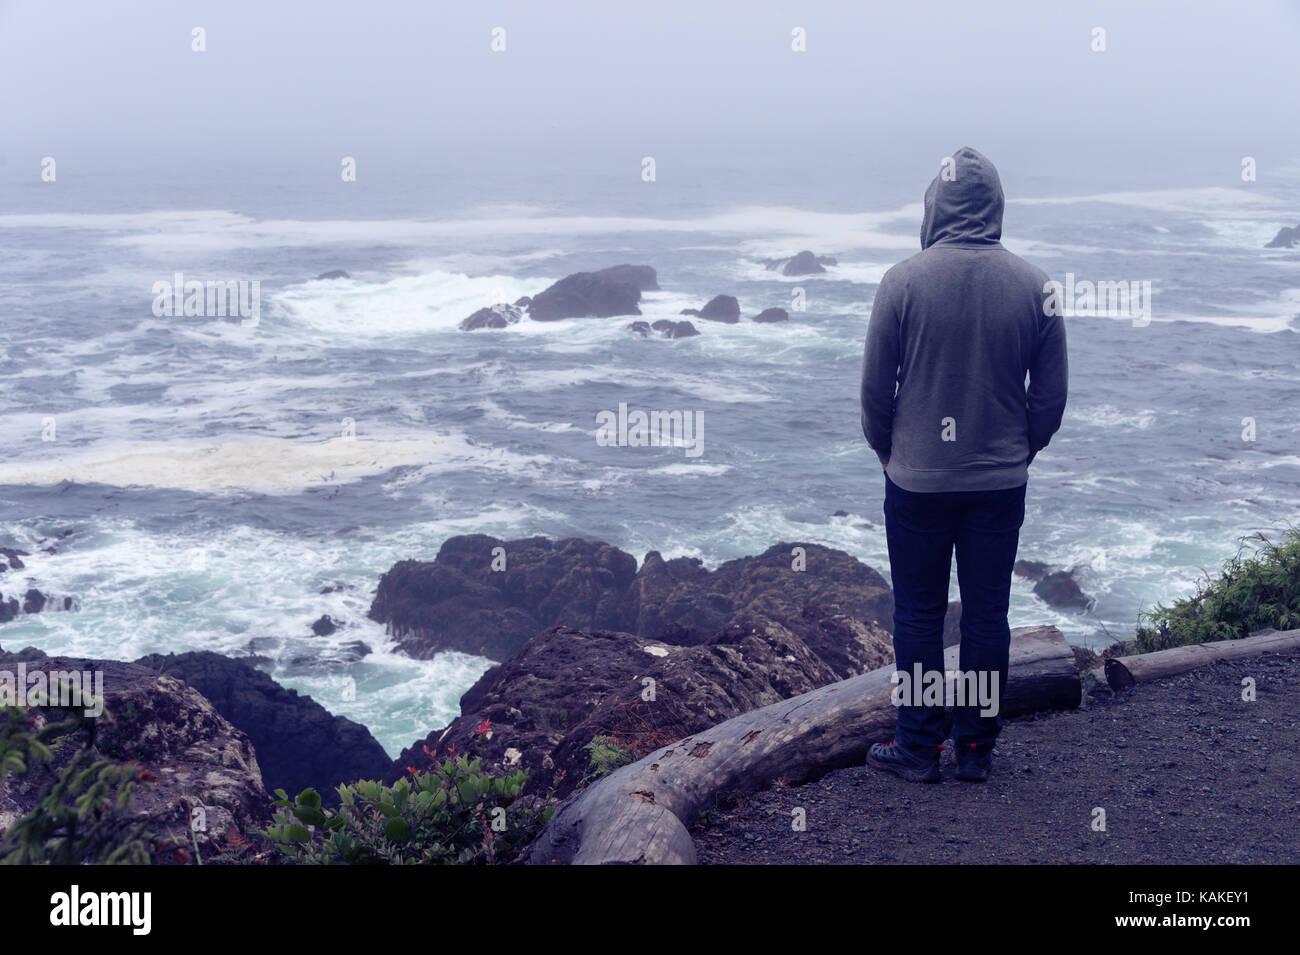 Lonely Man standing di fronte all'oceano pacifico e guardando il mare tempestoso sull'isola di Vancouver. Foto Stock